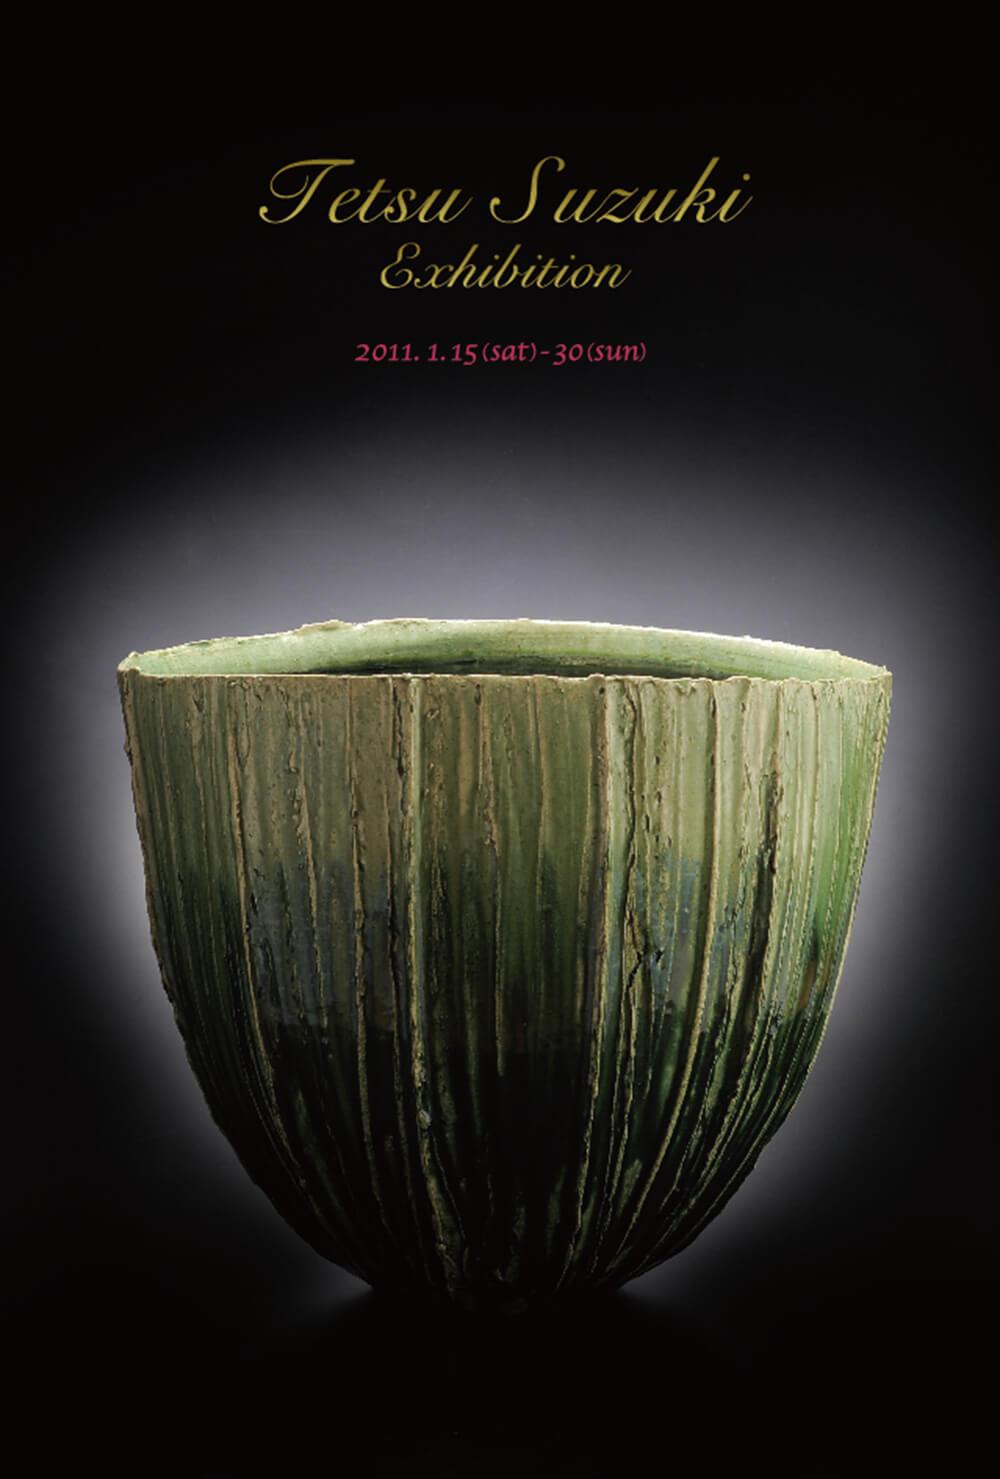 2011年1月15日から開催の「初卯 鈴木 徹 陶展」のDM画像